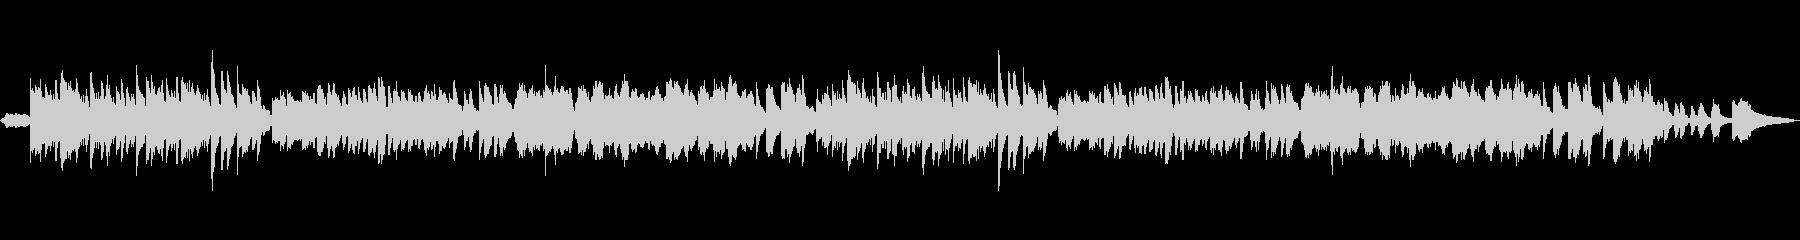 ヒーリングクラシック4-long verの未再生の波形